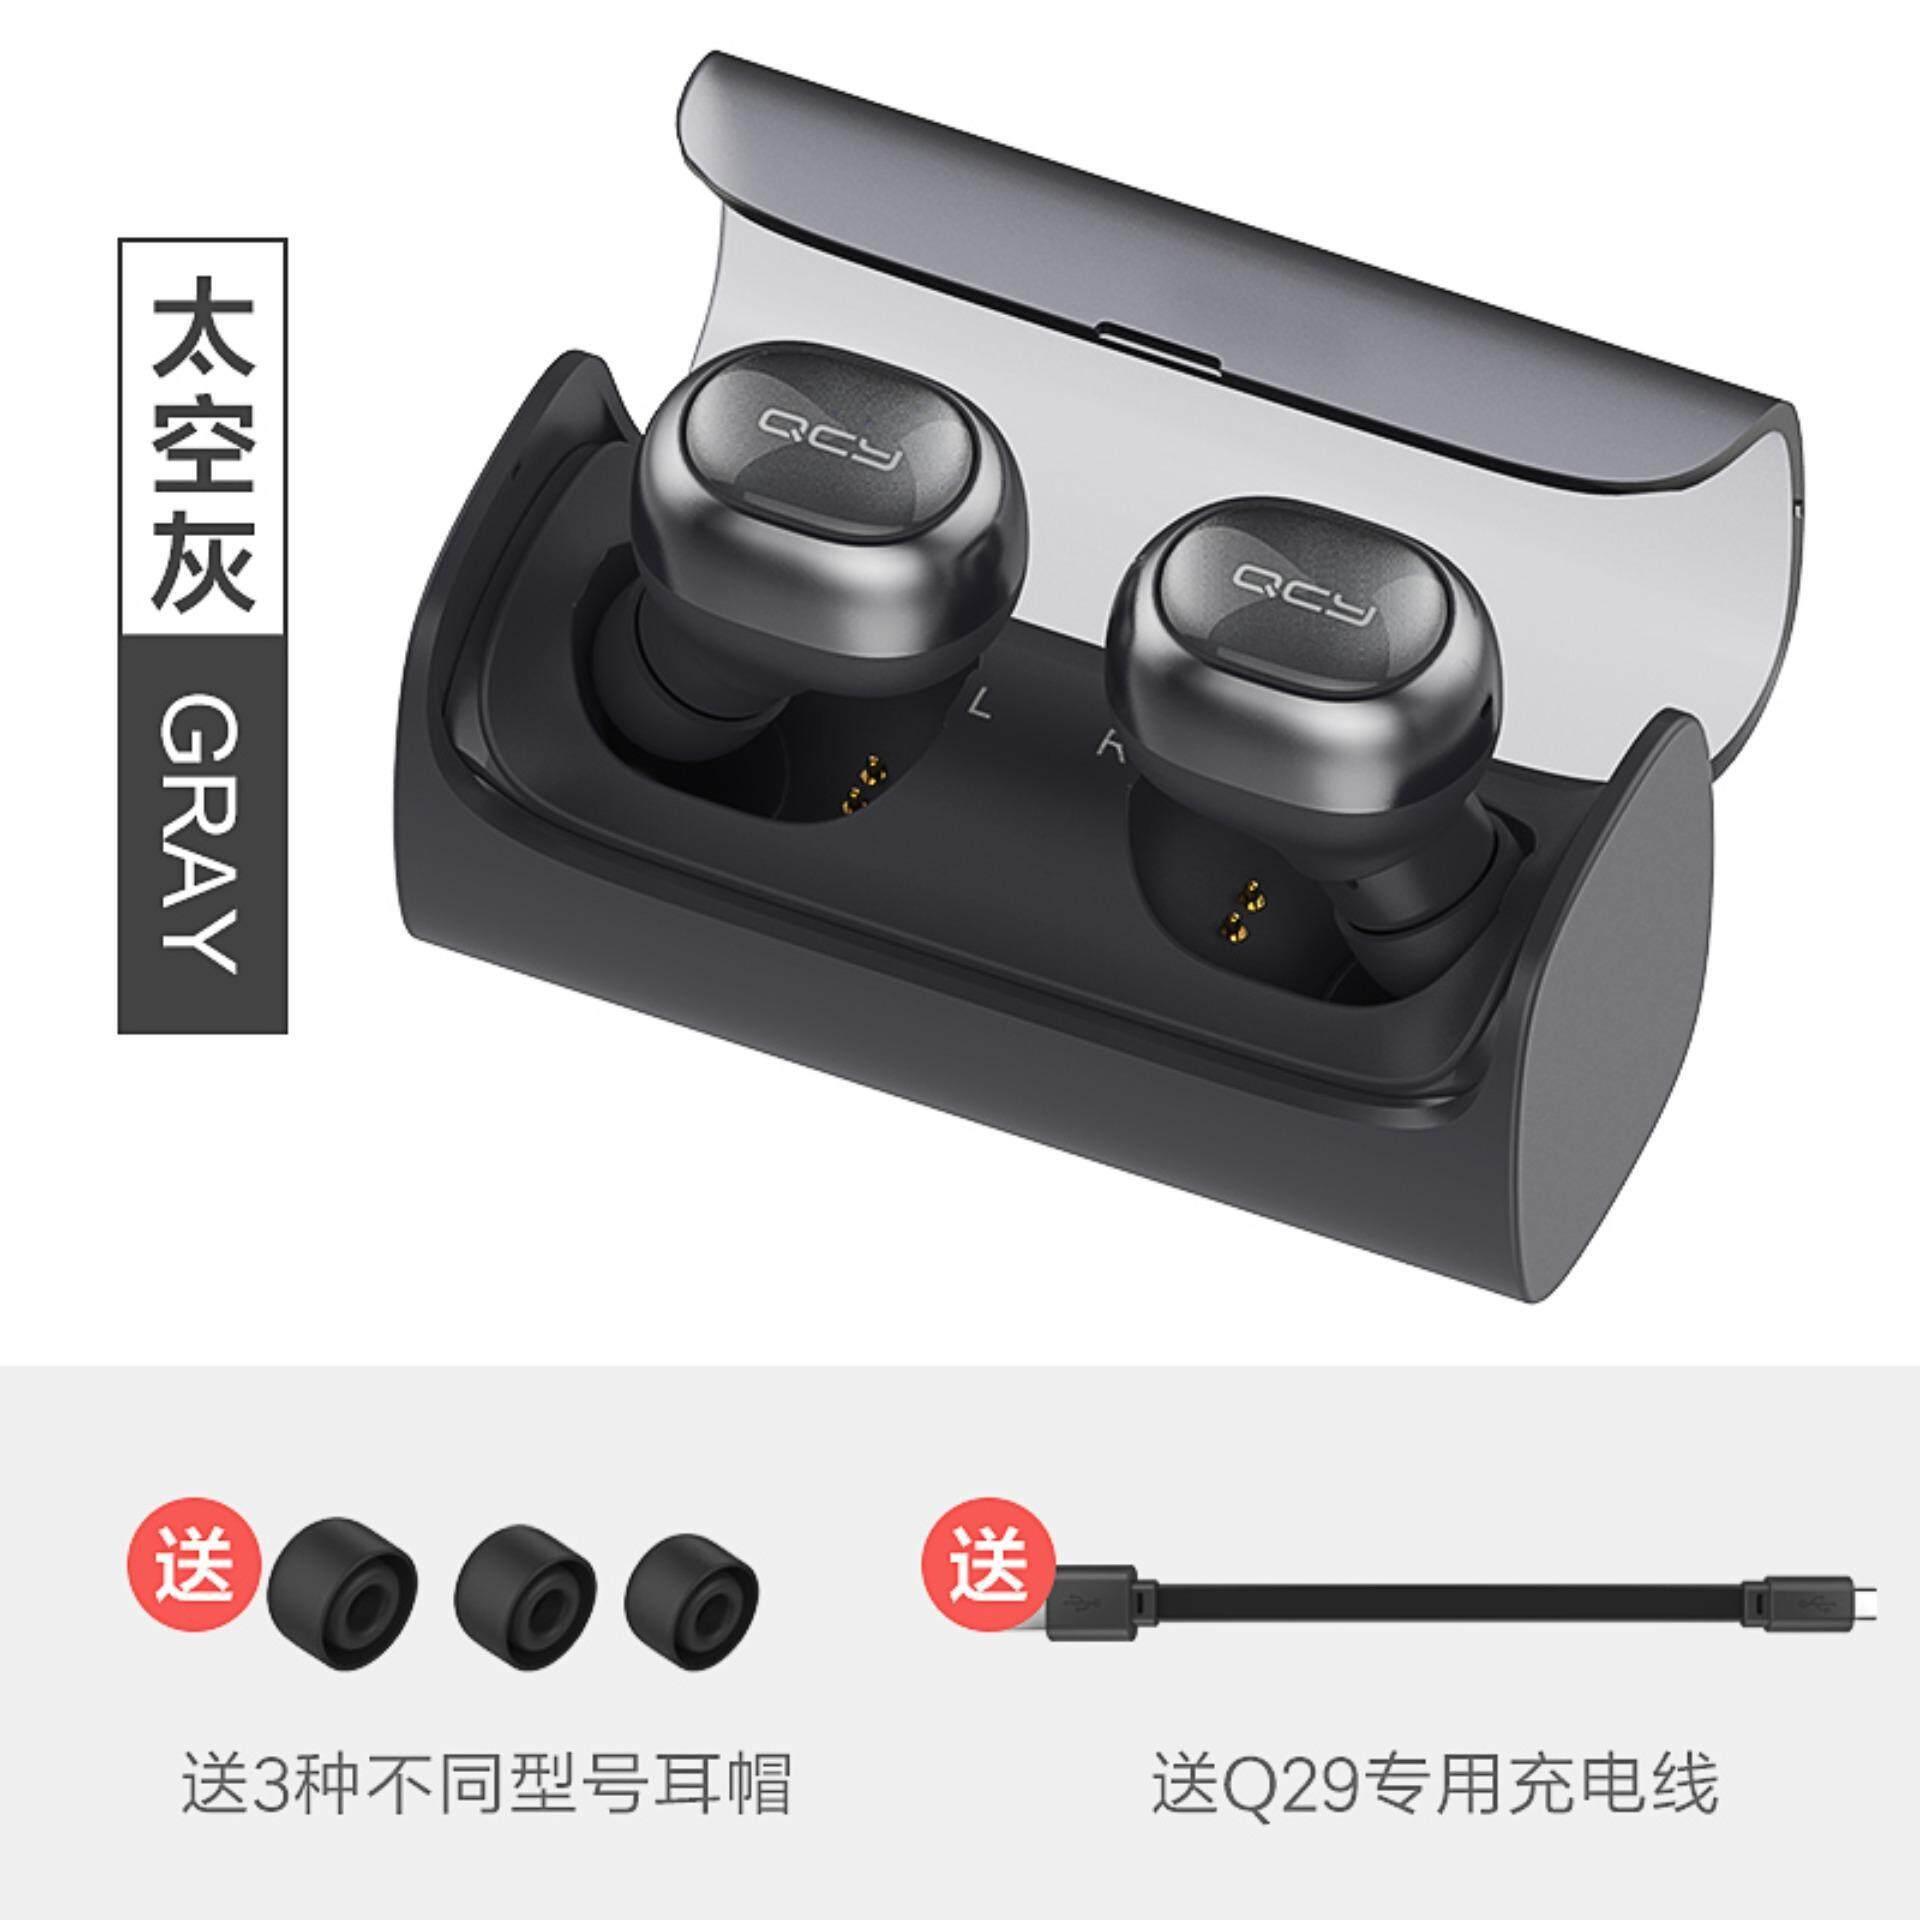 คูปองส่วนลดเมื่อซื้อ หูฟัง ซัมซุง Samsung Gear IconX 2018 คลิ๊กรับคูปองส่วนลด